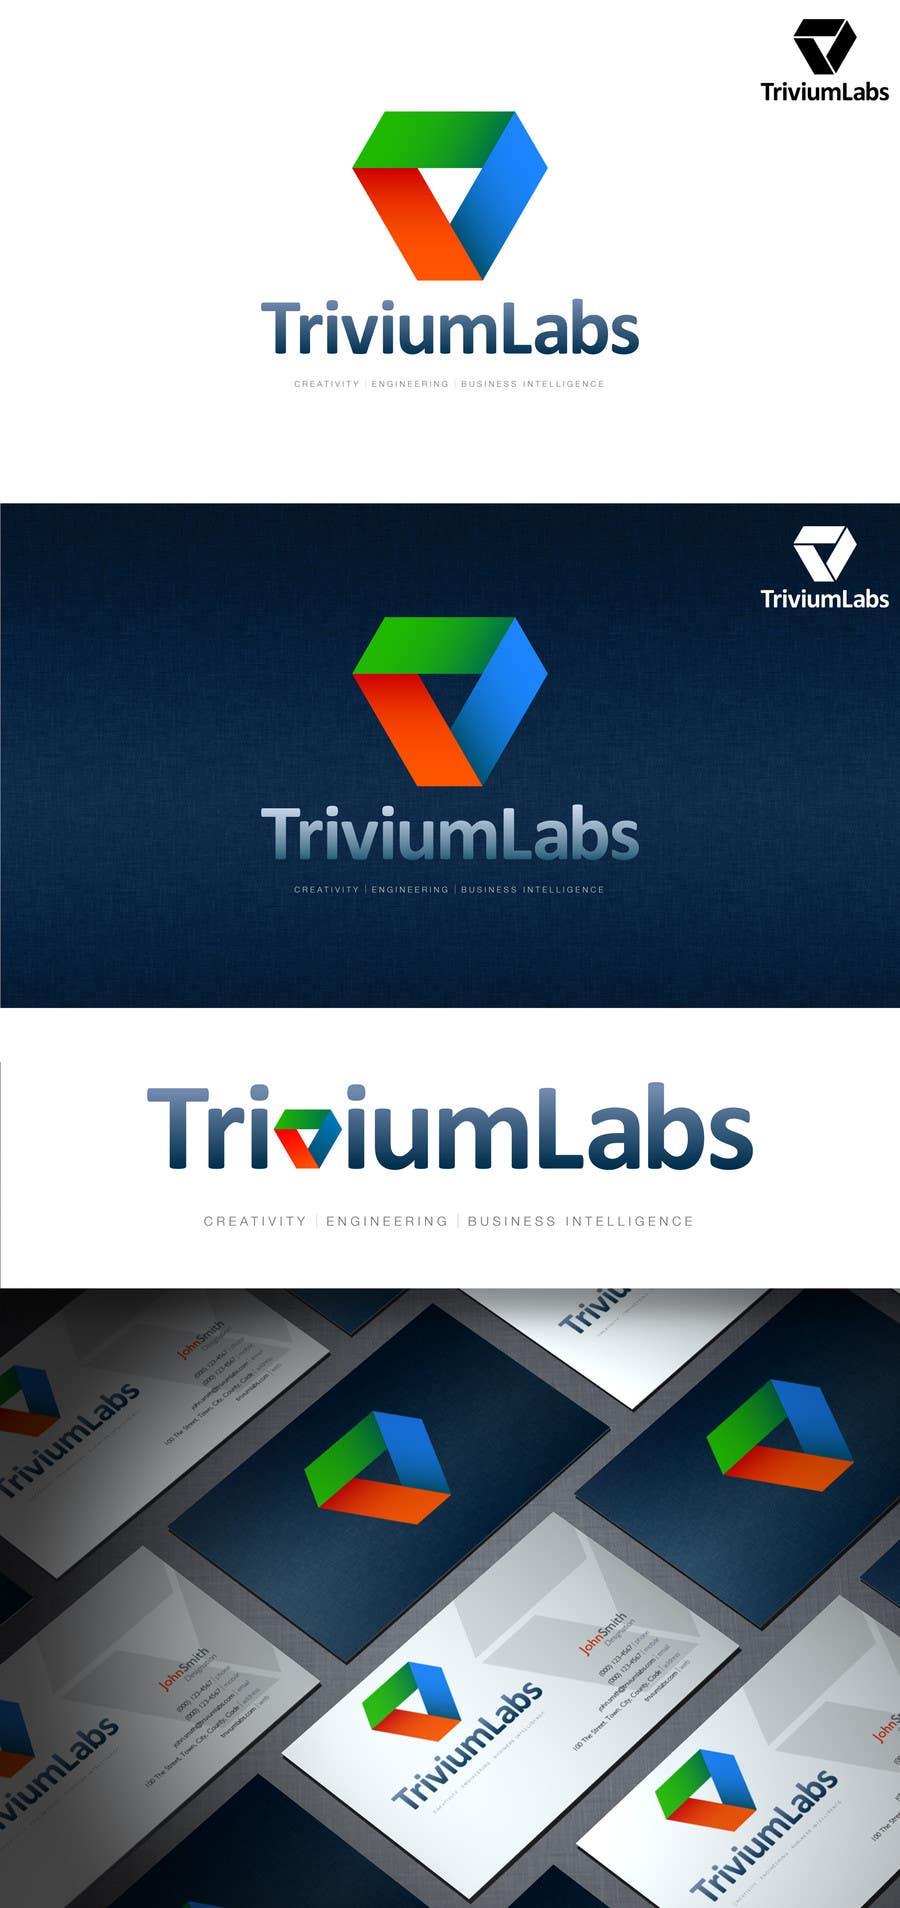 Konkurrenceindlæg #21 for Design a Logo for Trivium Labs